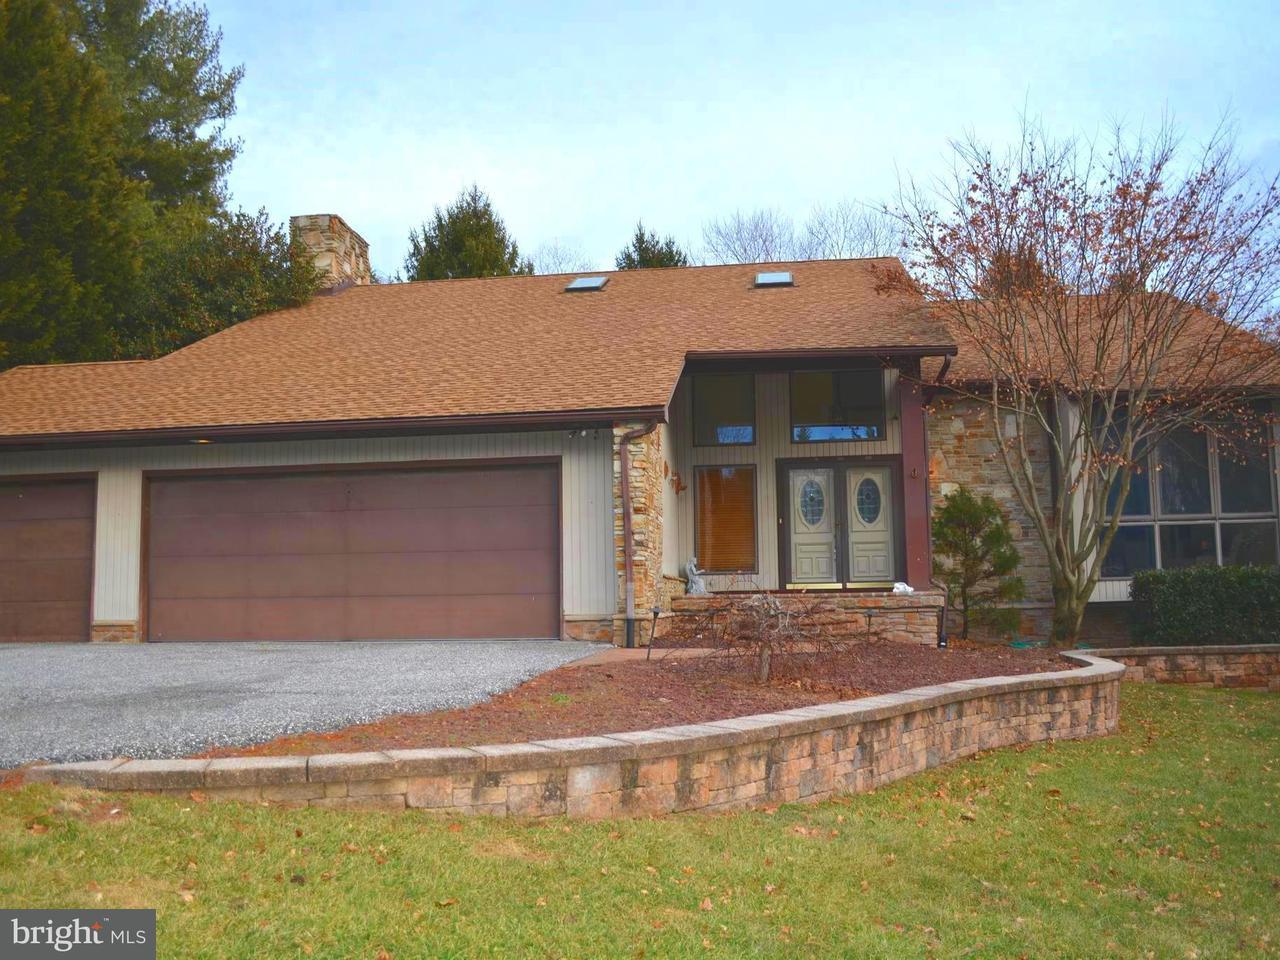 Частный односемейный дом для того Продажа на 613 Twin Brook Lane 613 Twin Brook Lane Joppa, Мэриленд 21085 Соединенные Штаты